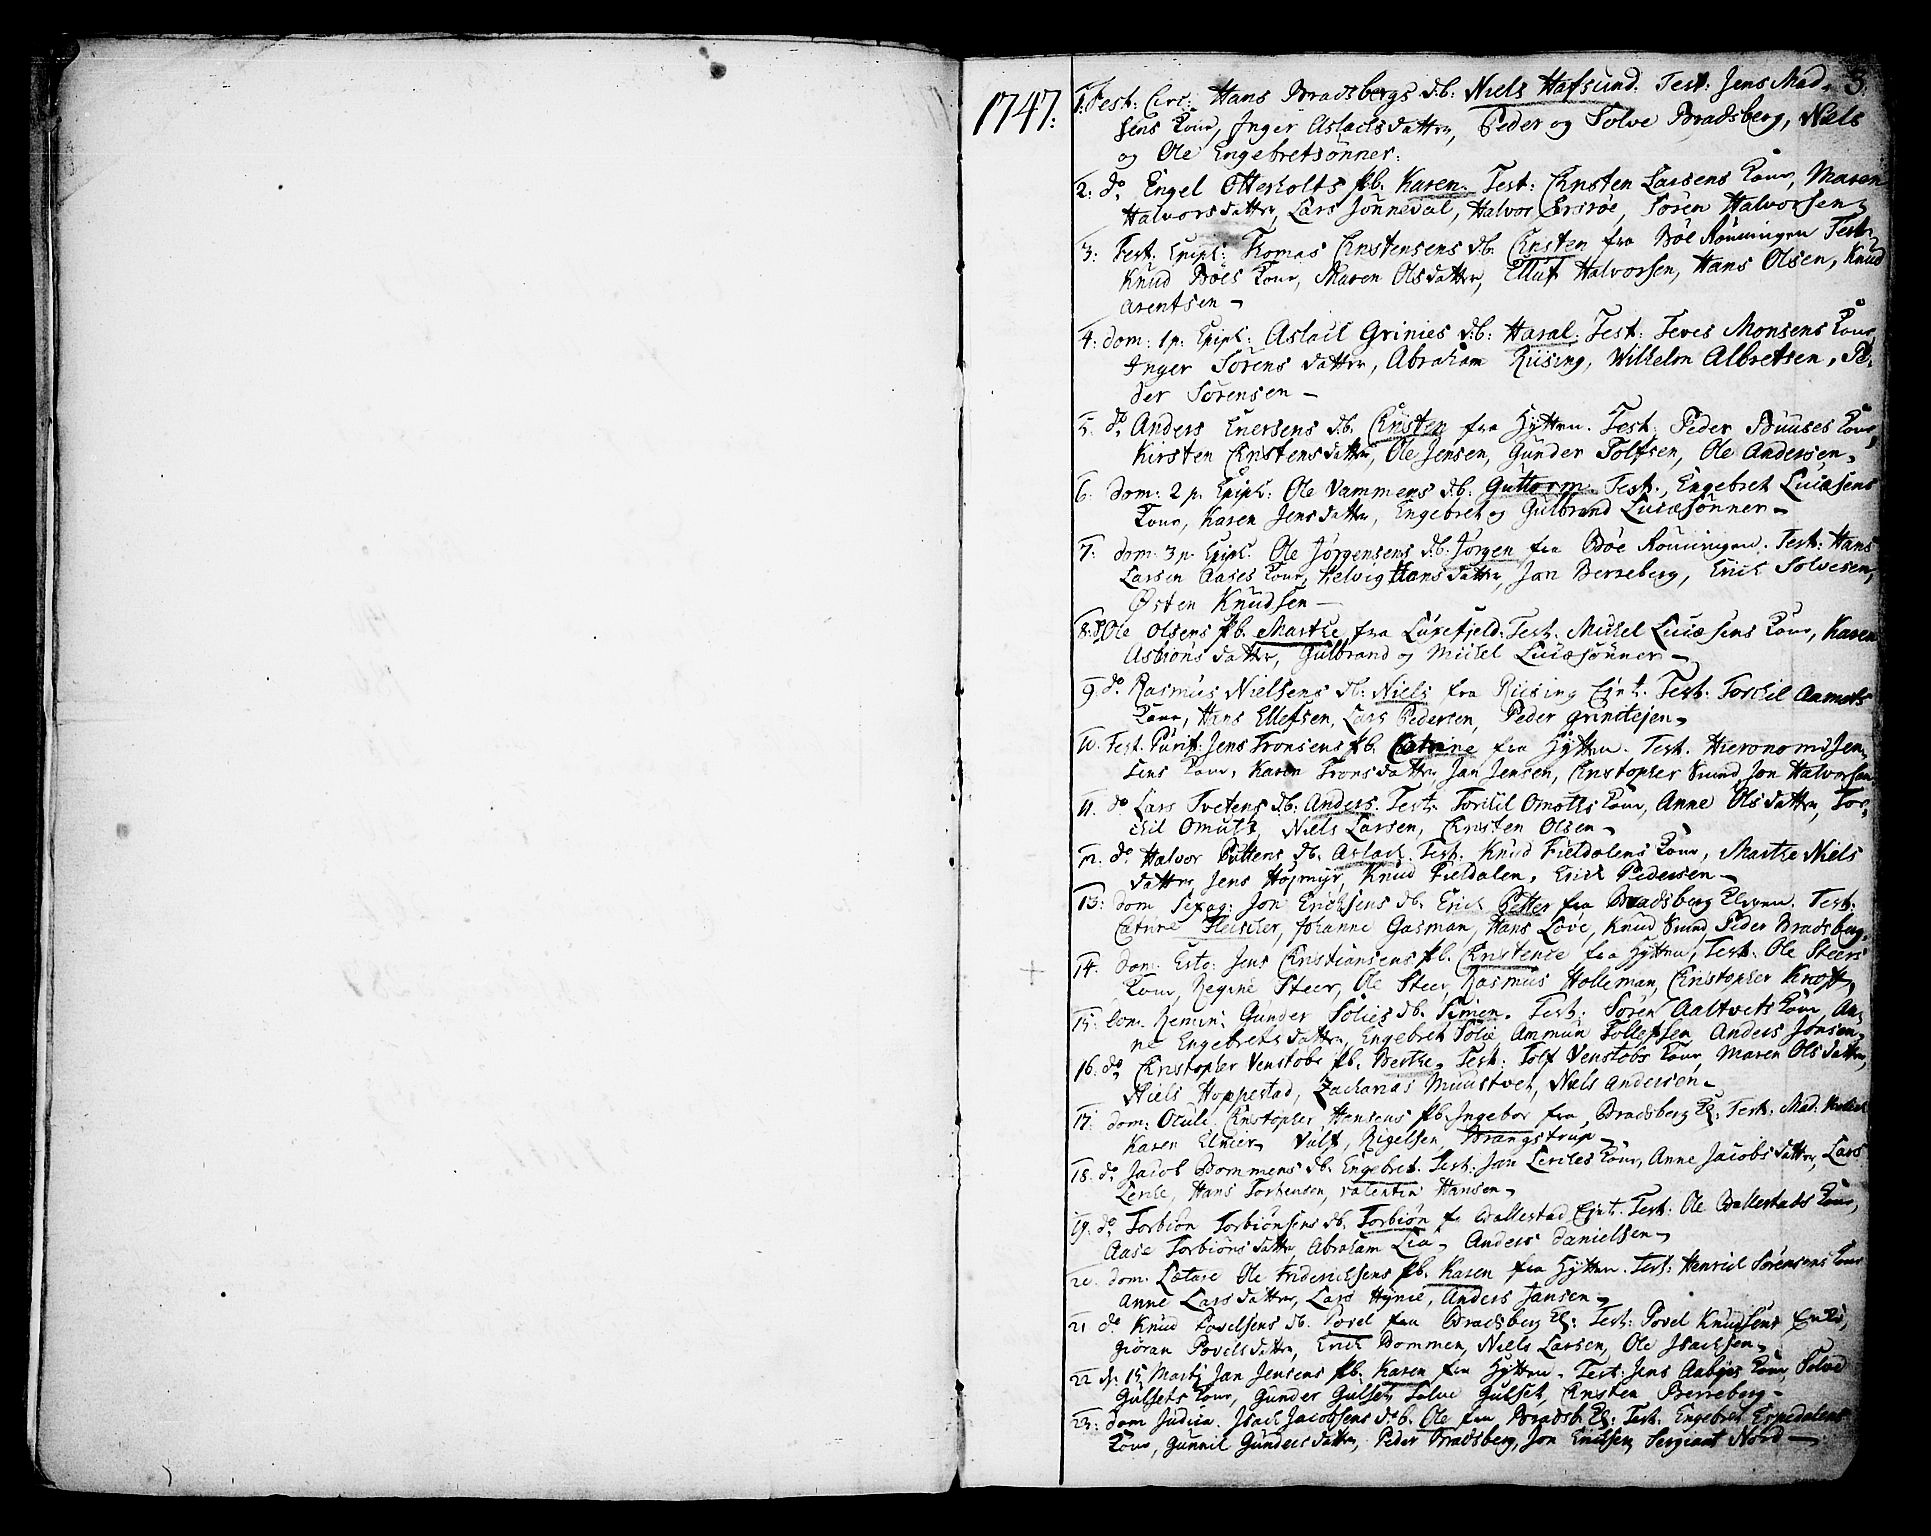 SAKO, Gjerpen kirkebøker, F/Fa/L0002: Ministerialbok nr. 2, 1747-1795, s. 3